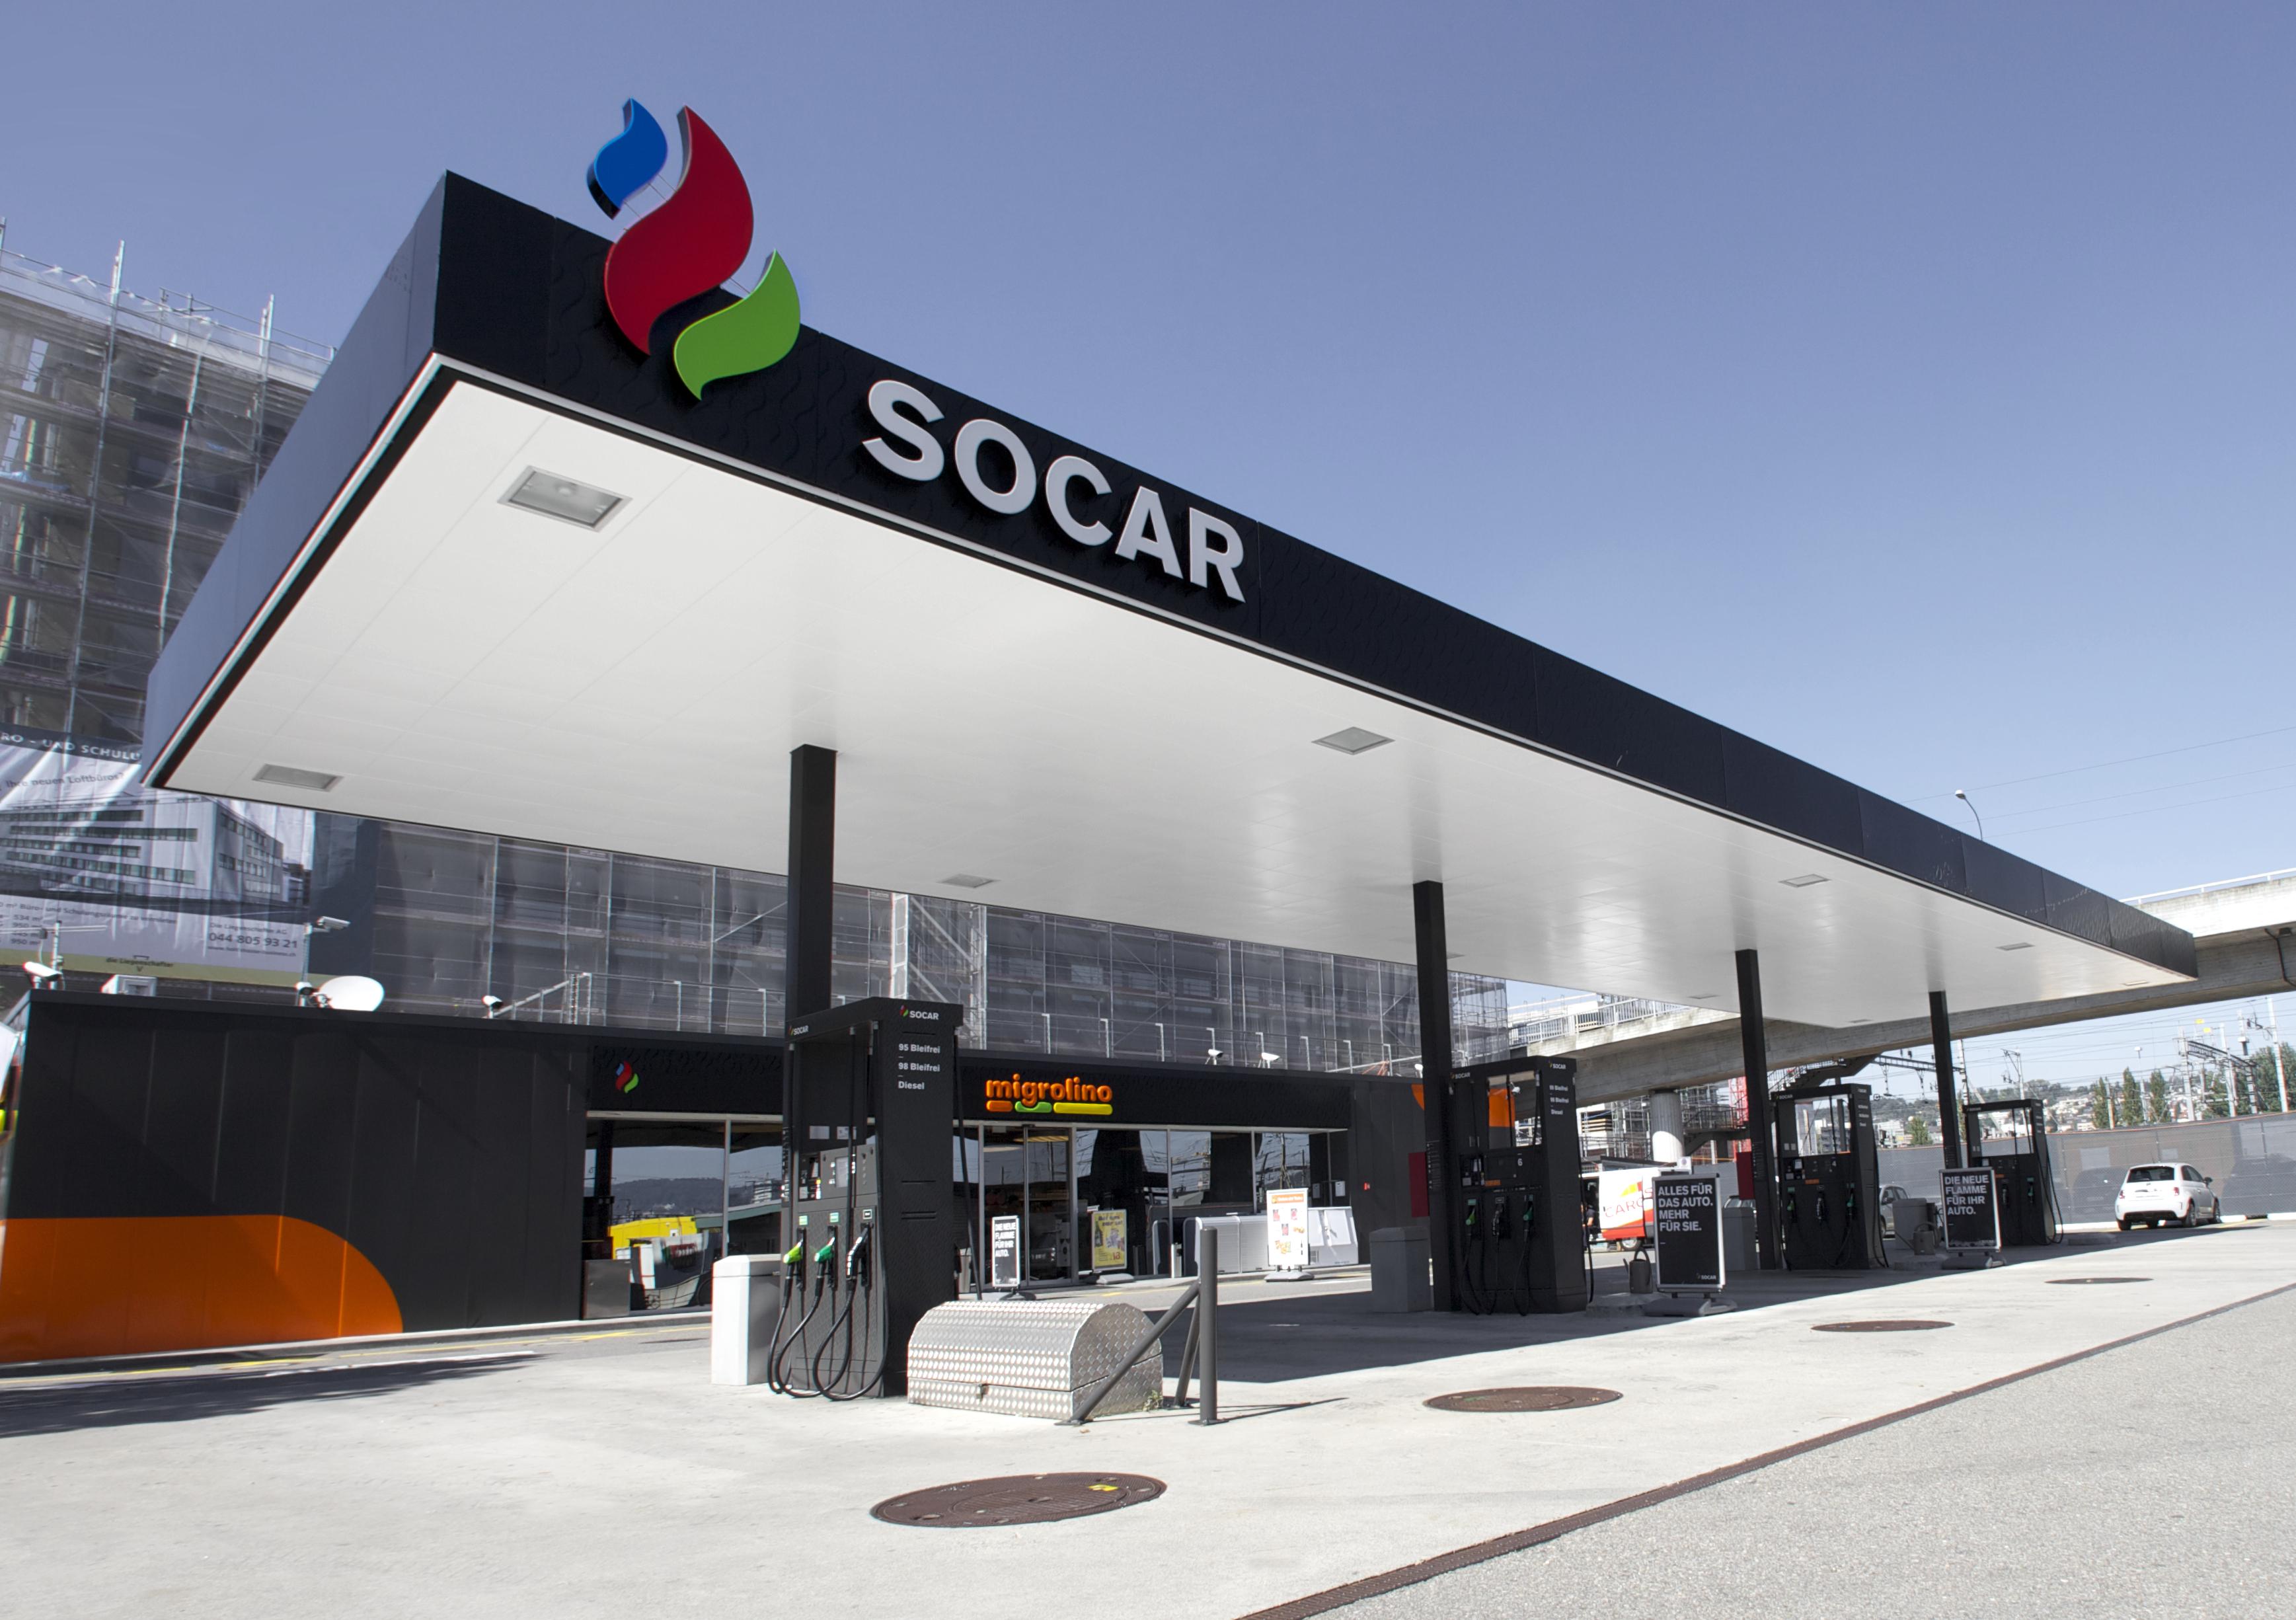 SOCAR-ը կրճատել է երկրի բյուջե կատարվող իր վճարումները